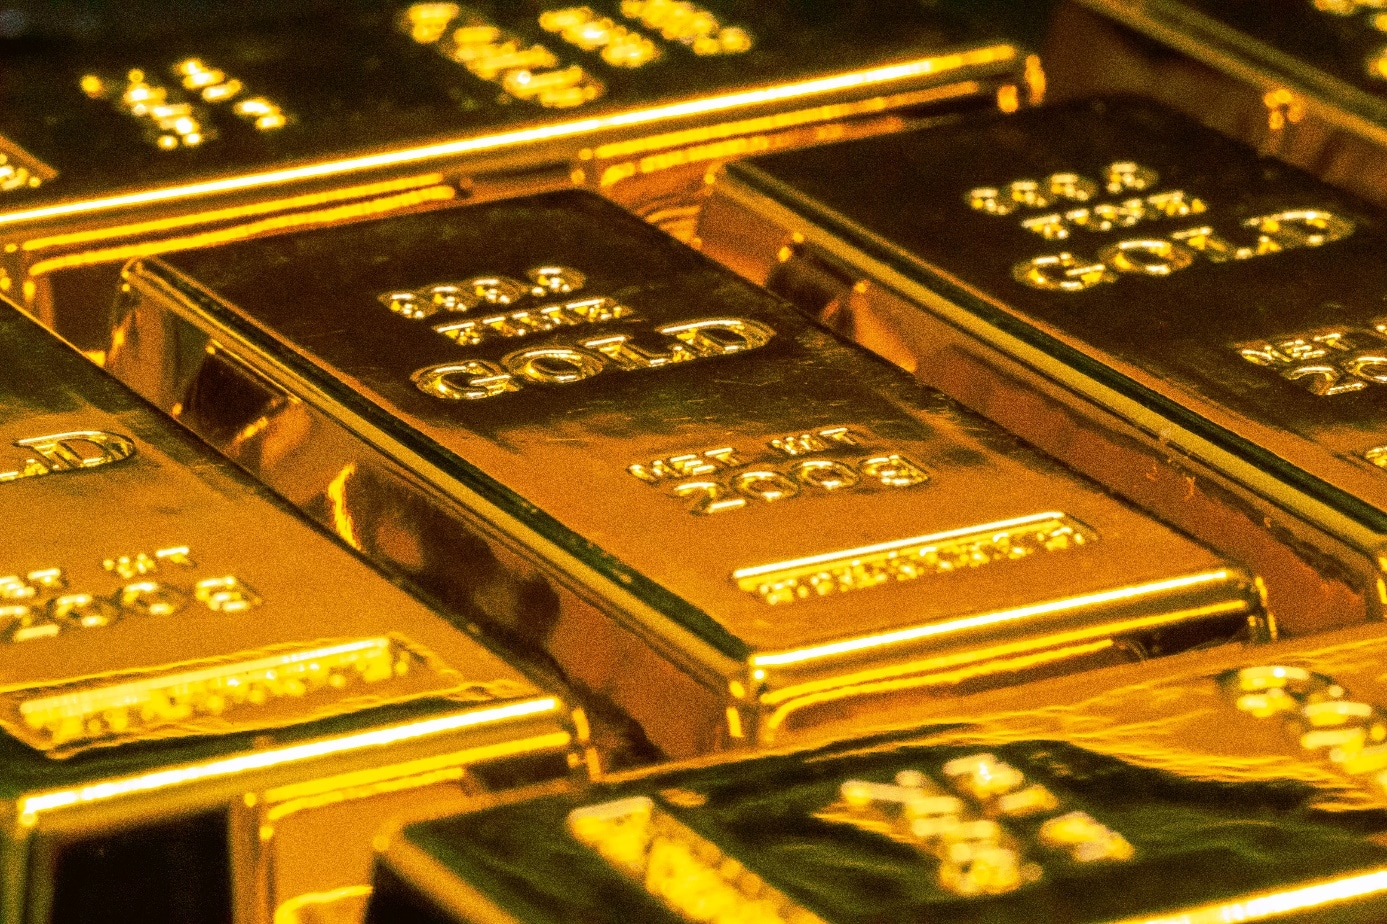 acheter de l or sur internet